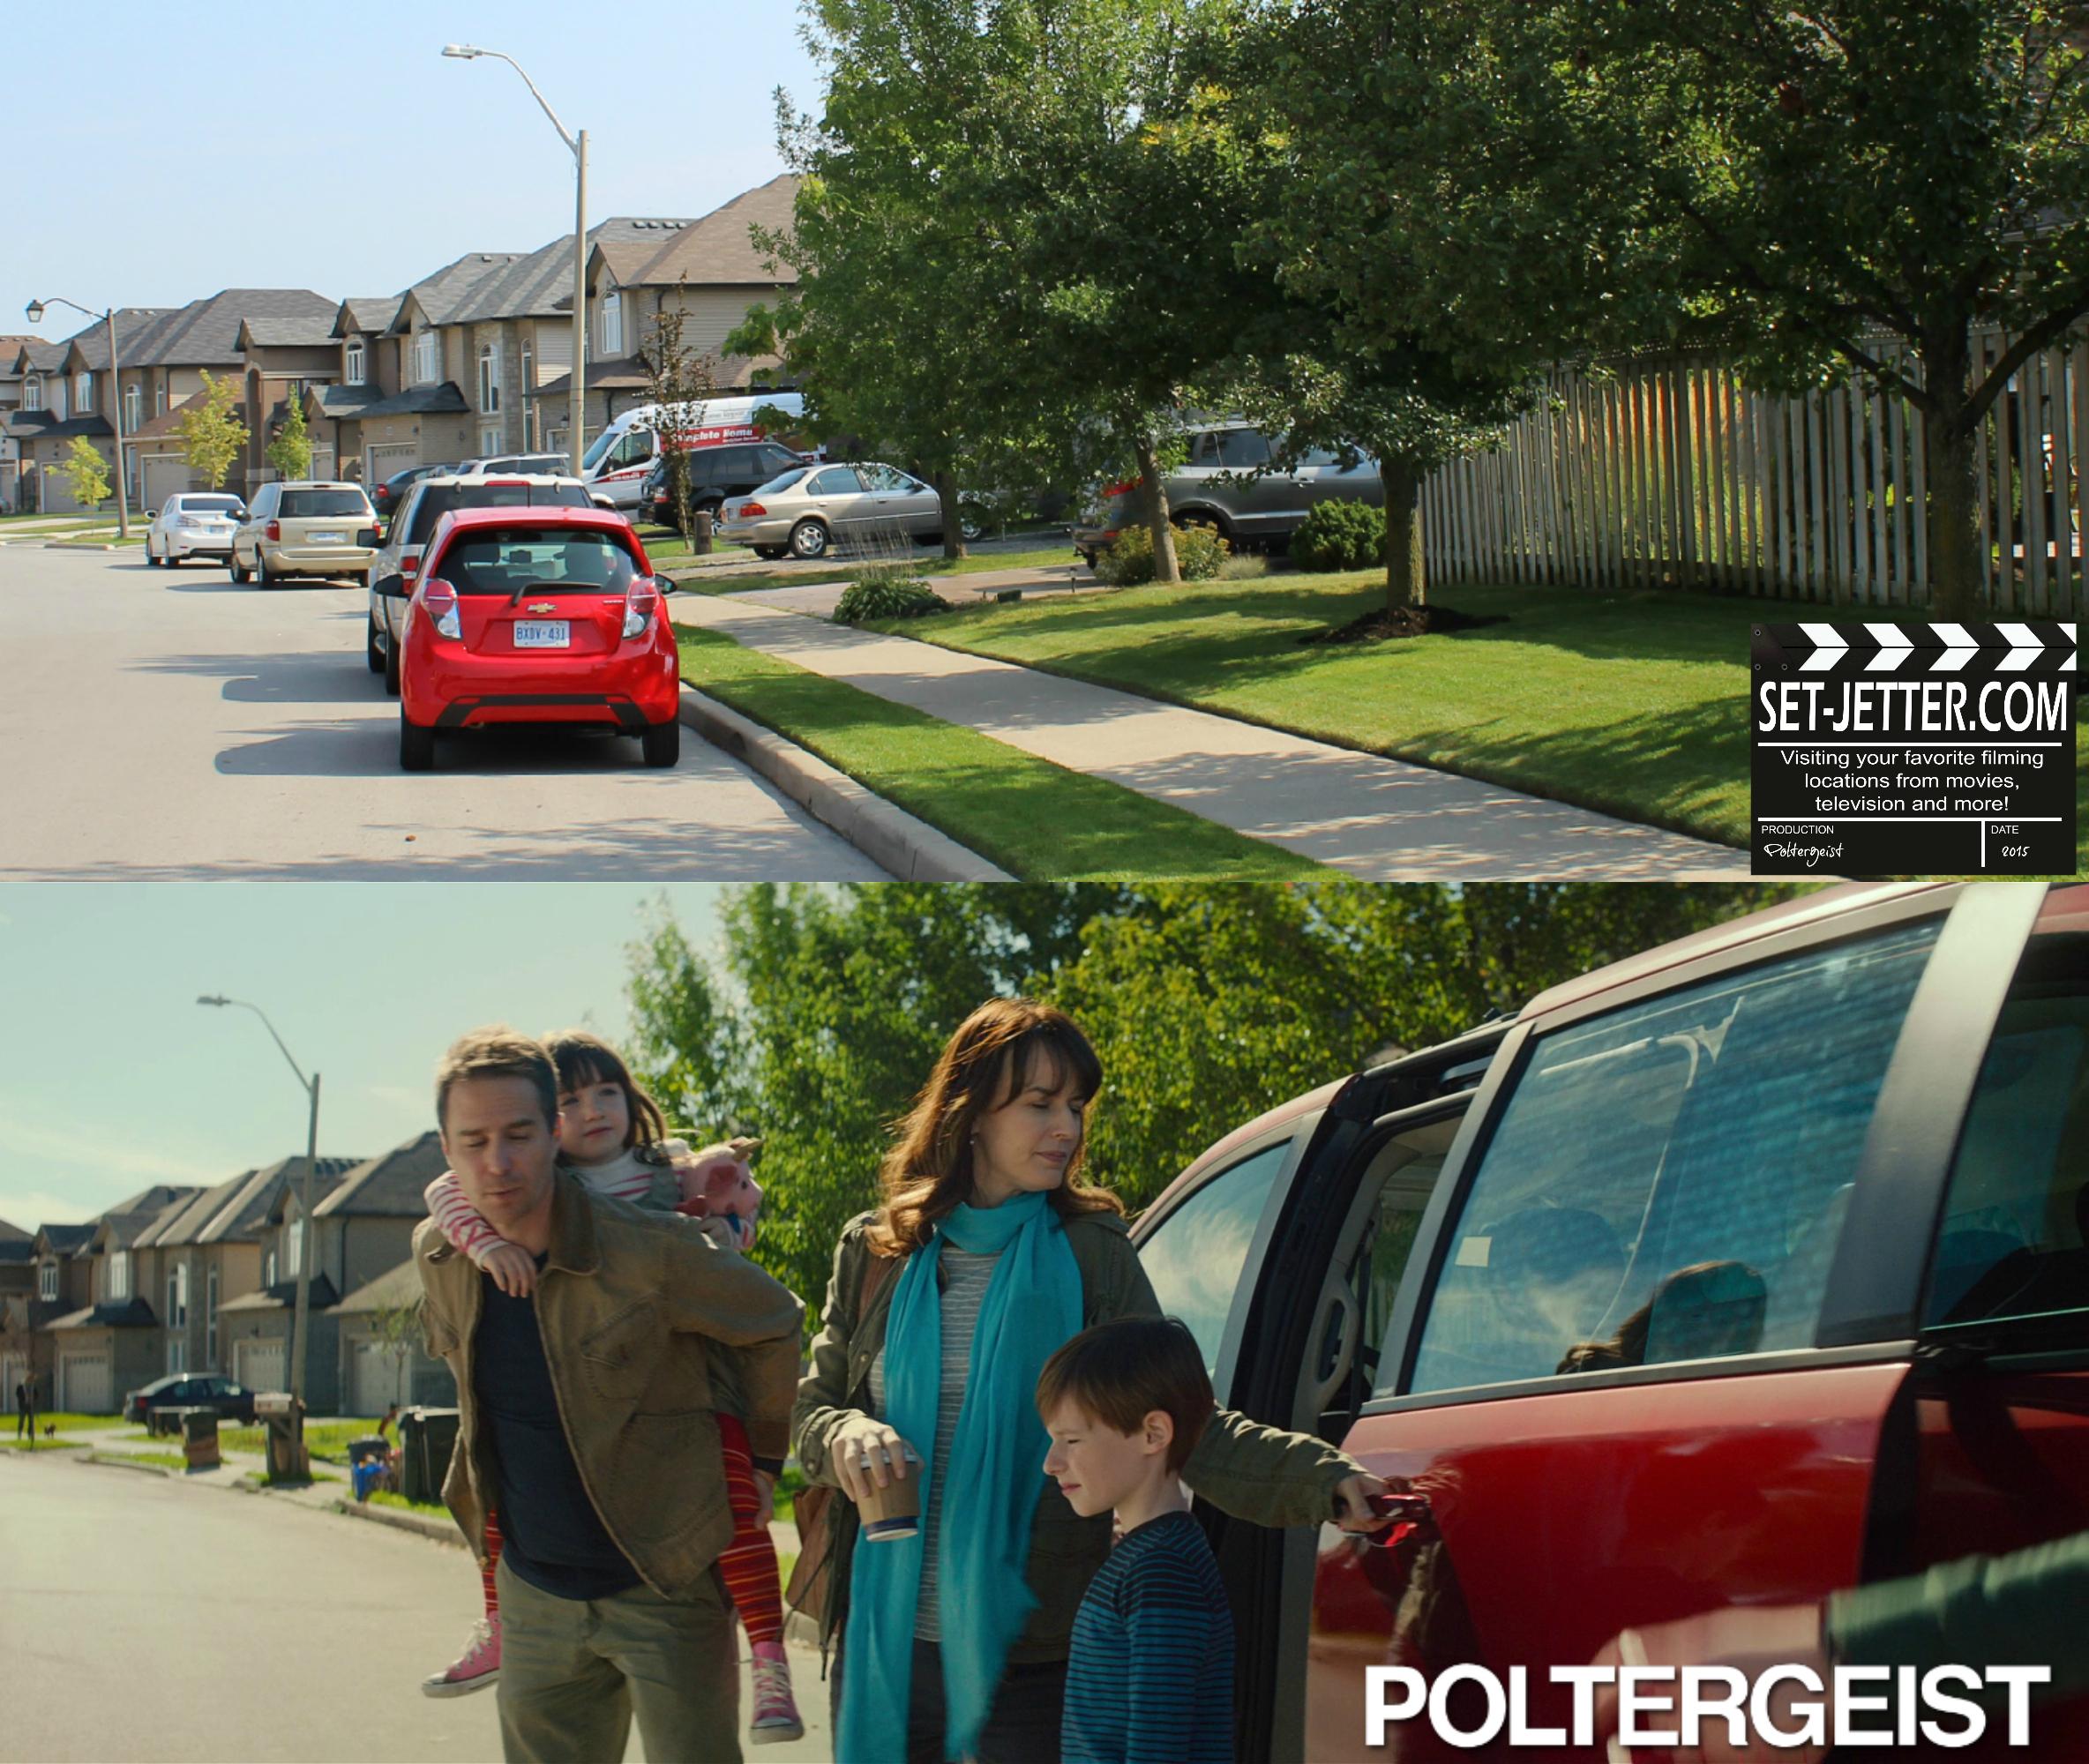 Poltergeist comparison 31.jpg